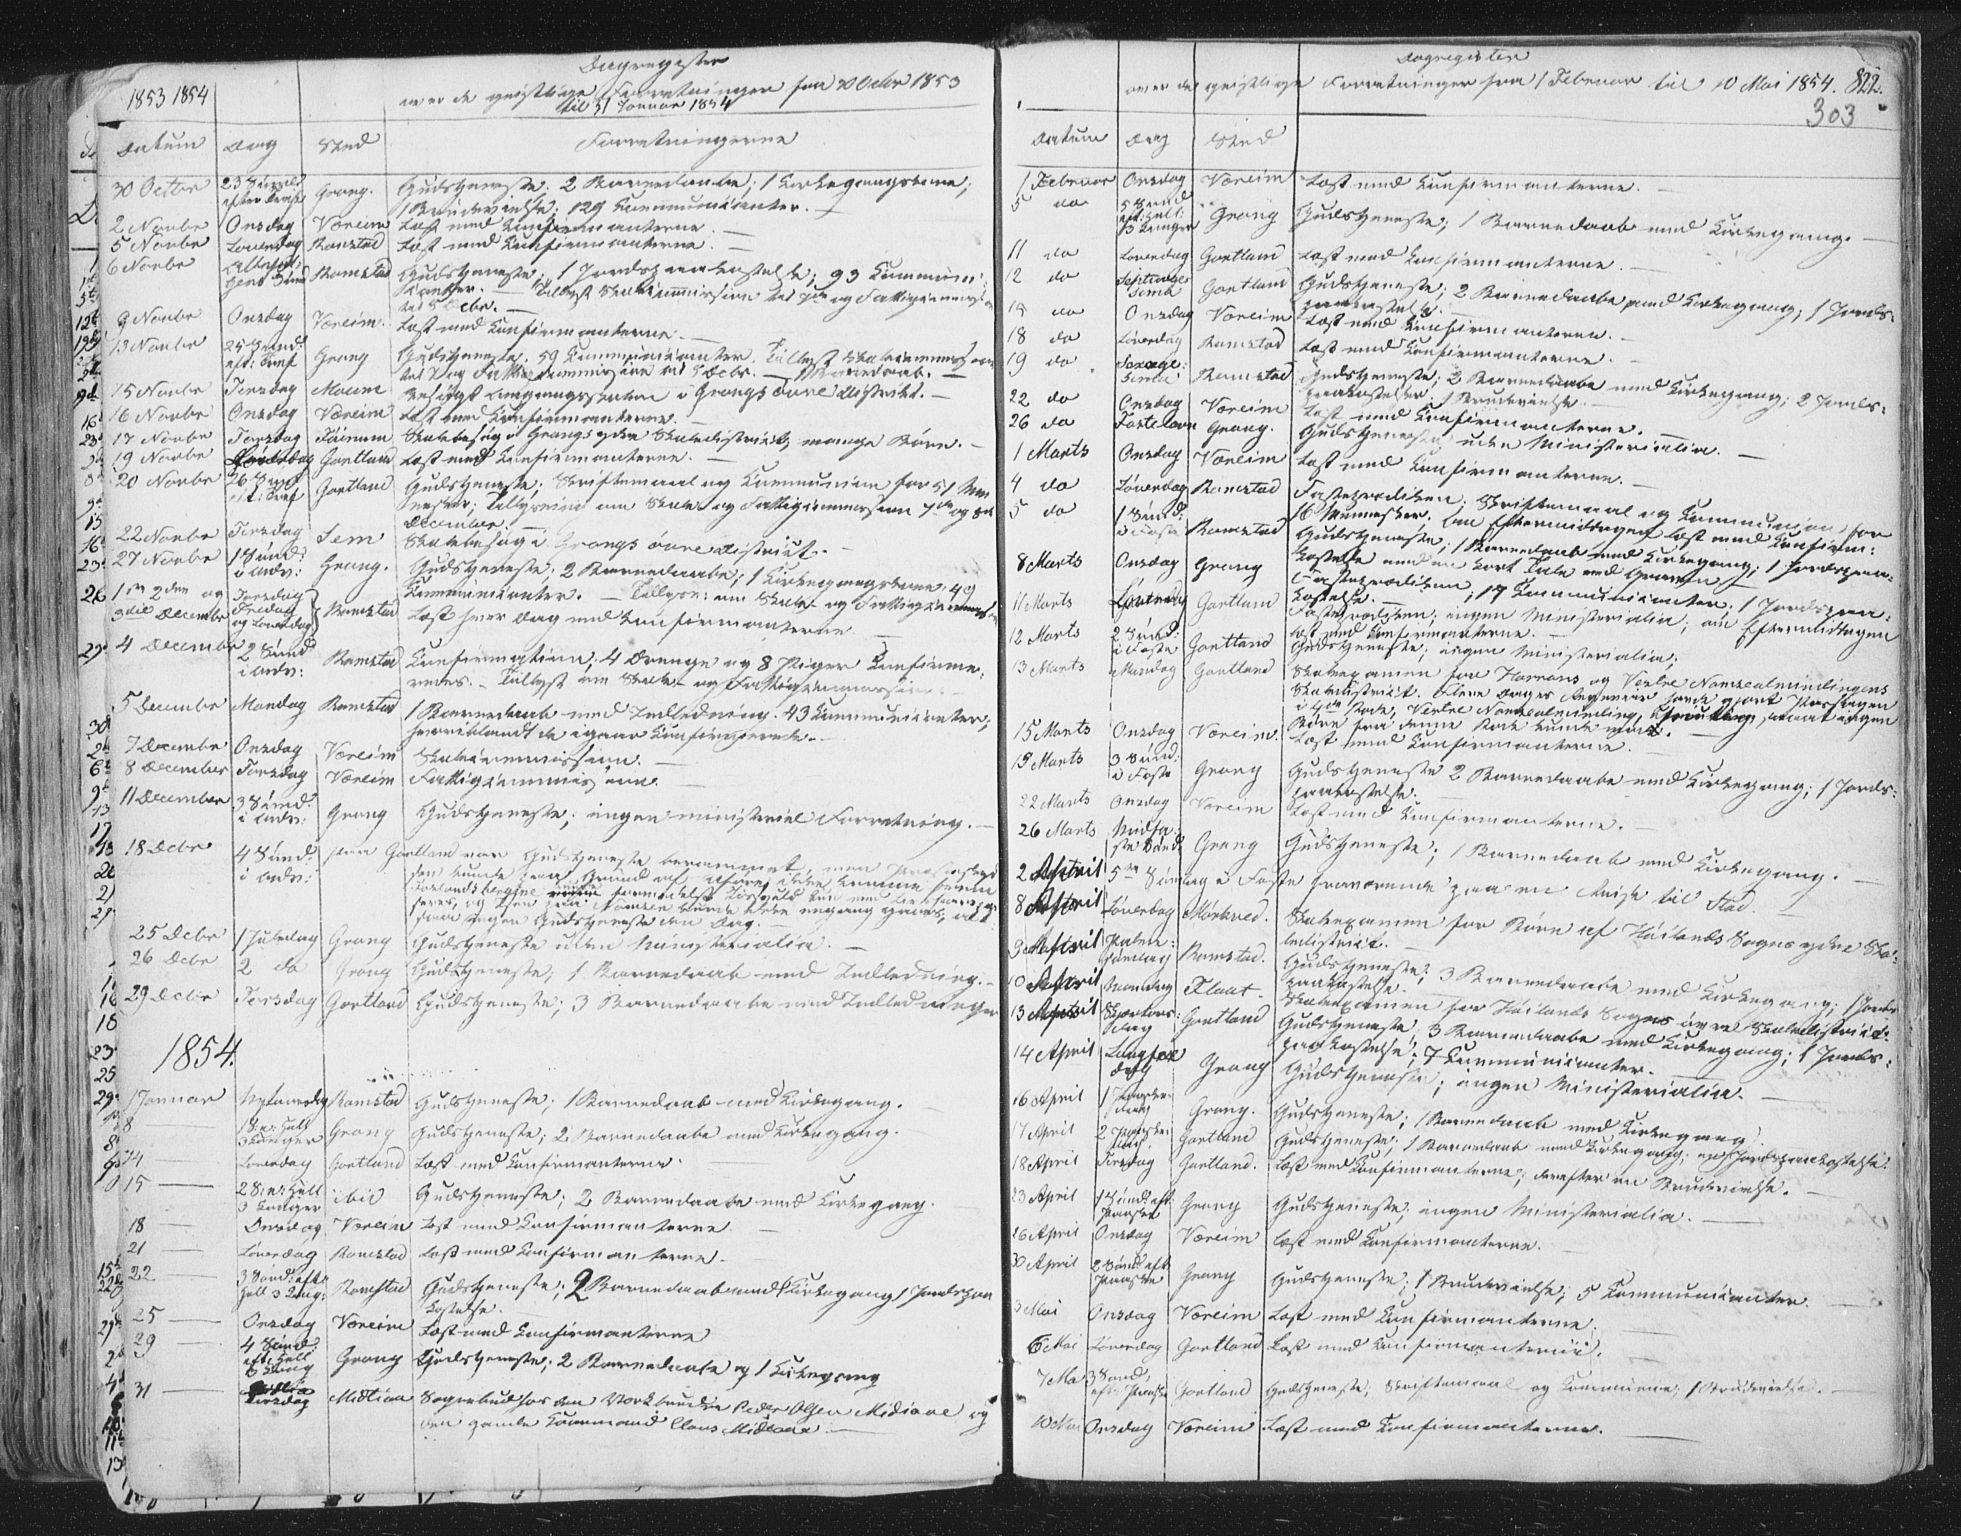 SAT, Ministerialprotokoller, klokkerbøker og fødselsregistre - Nord-Trøndelag, 758/L0513: Ministerialbok nr. 758A02 /1, 1839-1868, s. 303